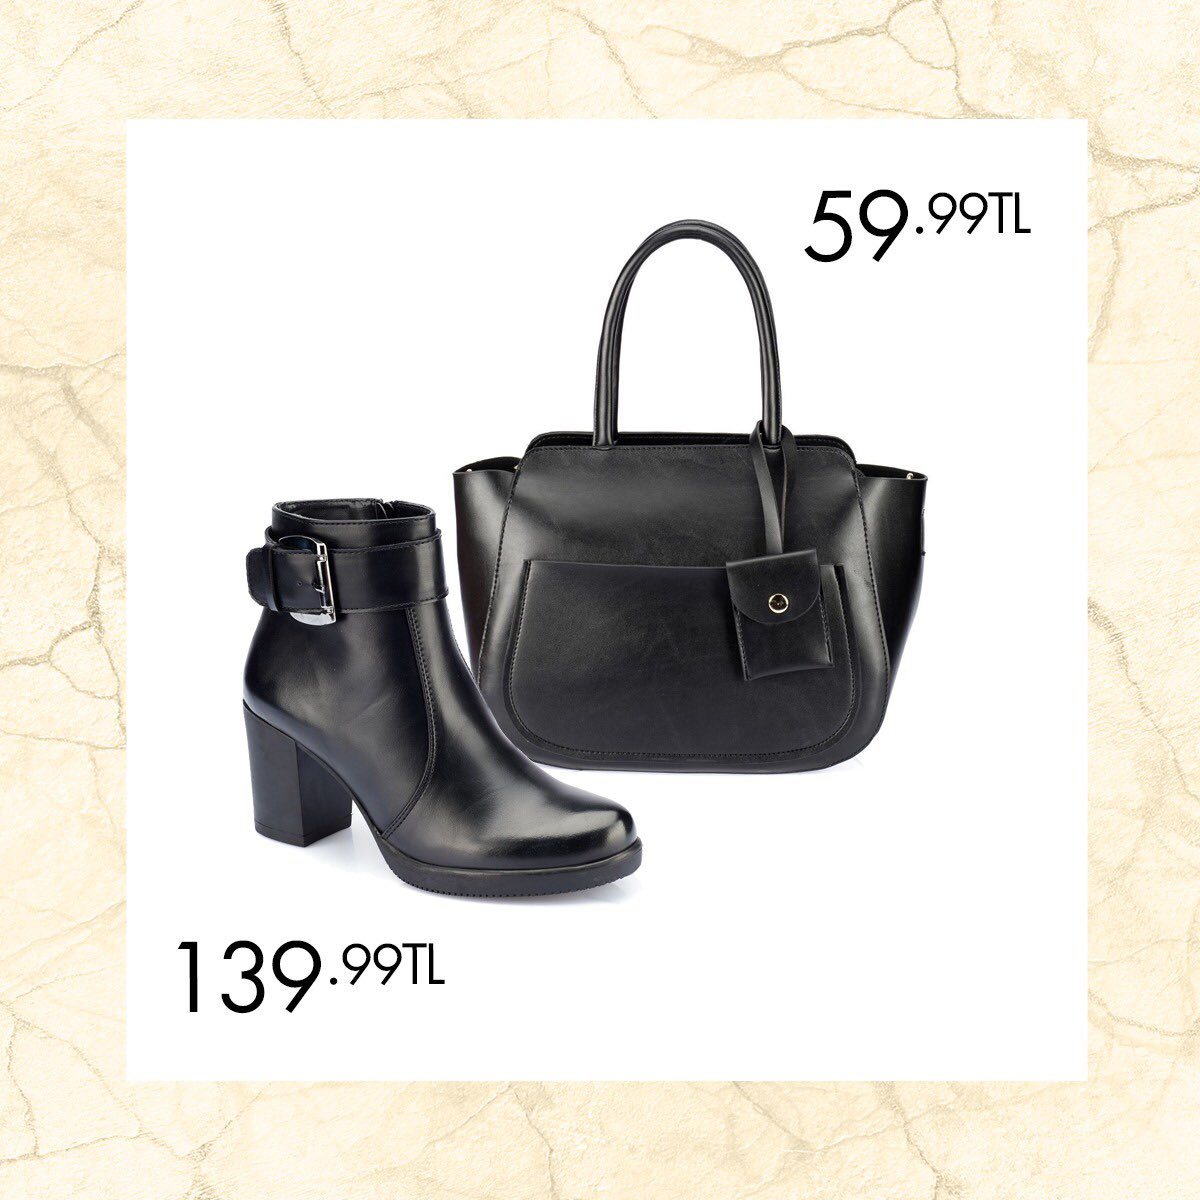 Kış aylarının soğuk günlerinde sizi sıcacık tutacak botlar ve kombin oluşturabileceğiniz çanta modelleri Polaris'te! Siyah Kadın Bot 36-40 Numara 129,99 TL 🔎 100343298 http://bit.ly/2SEW1sY Haki Kadın Kol Çantası 59,99 TL 🔎 100337427 http://bit.ly/2RgY1uB